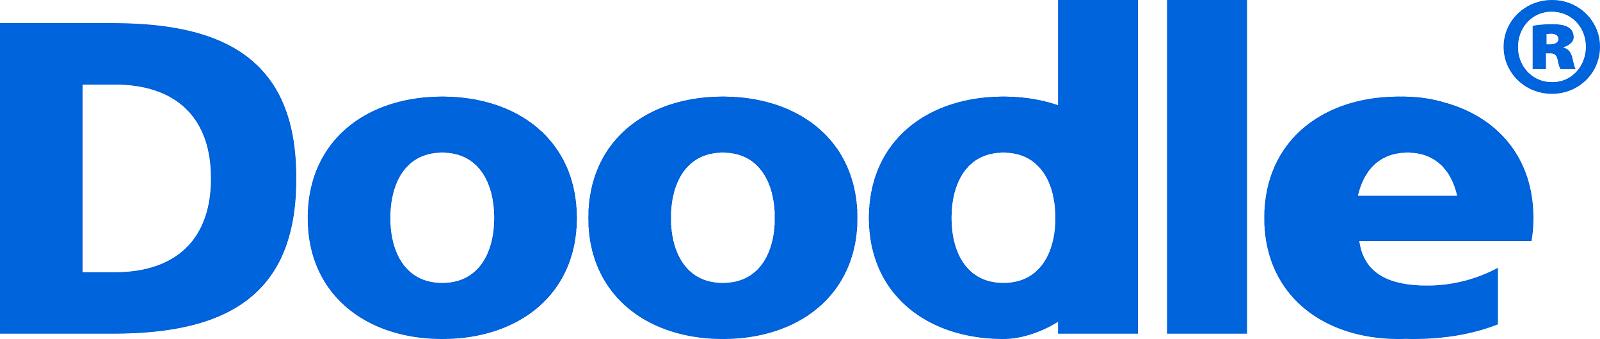 le 5 app: Il logo dell'app Doodle